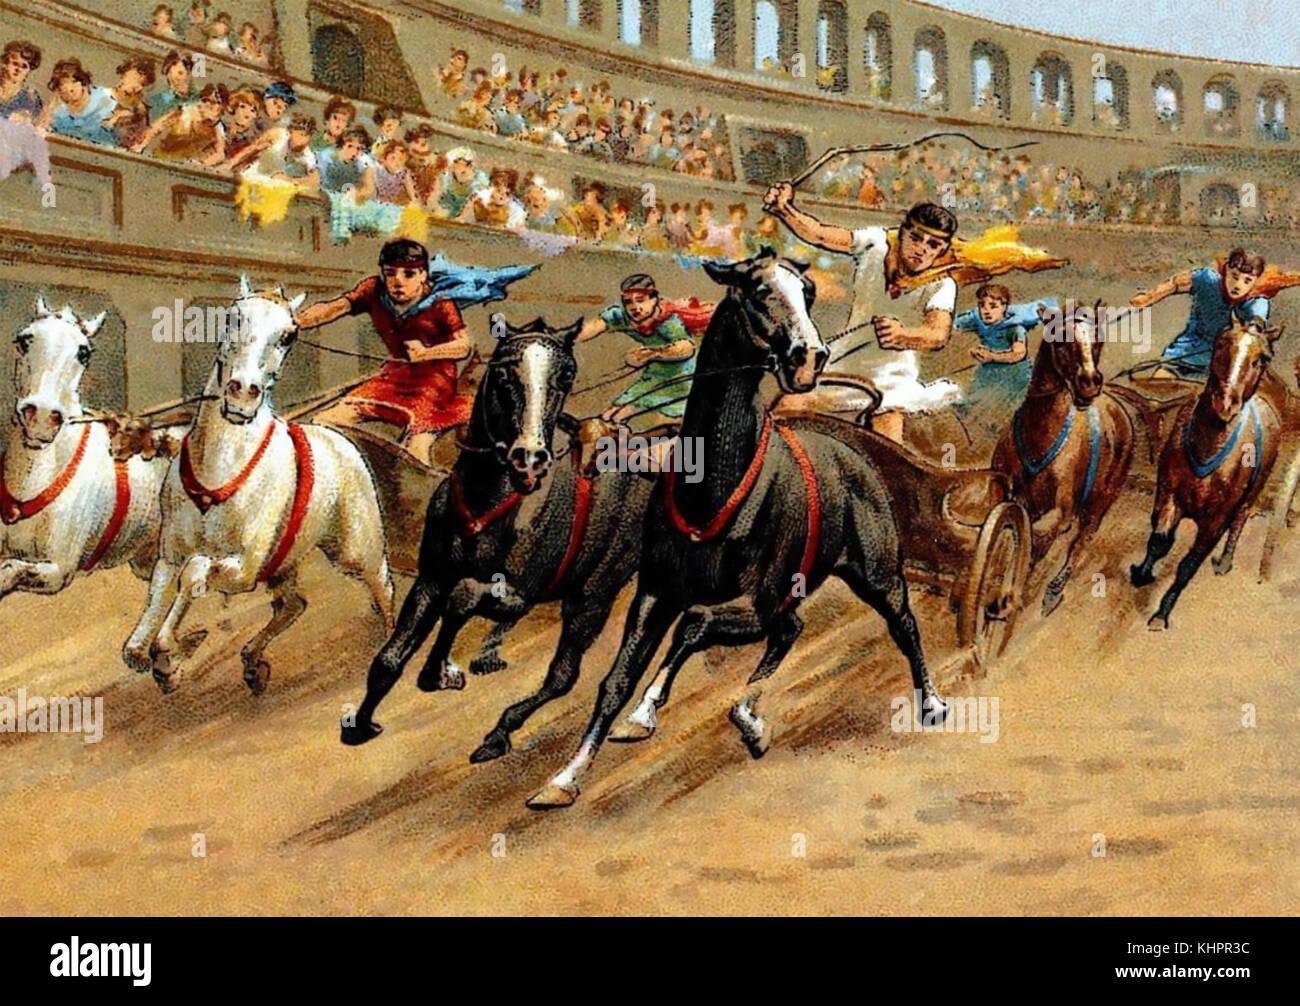 Chariot racing nella Roma antica su di una carta di sigaretta circa 1910 Immagini Stock